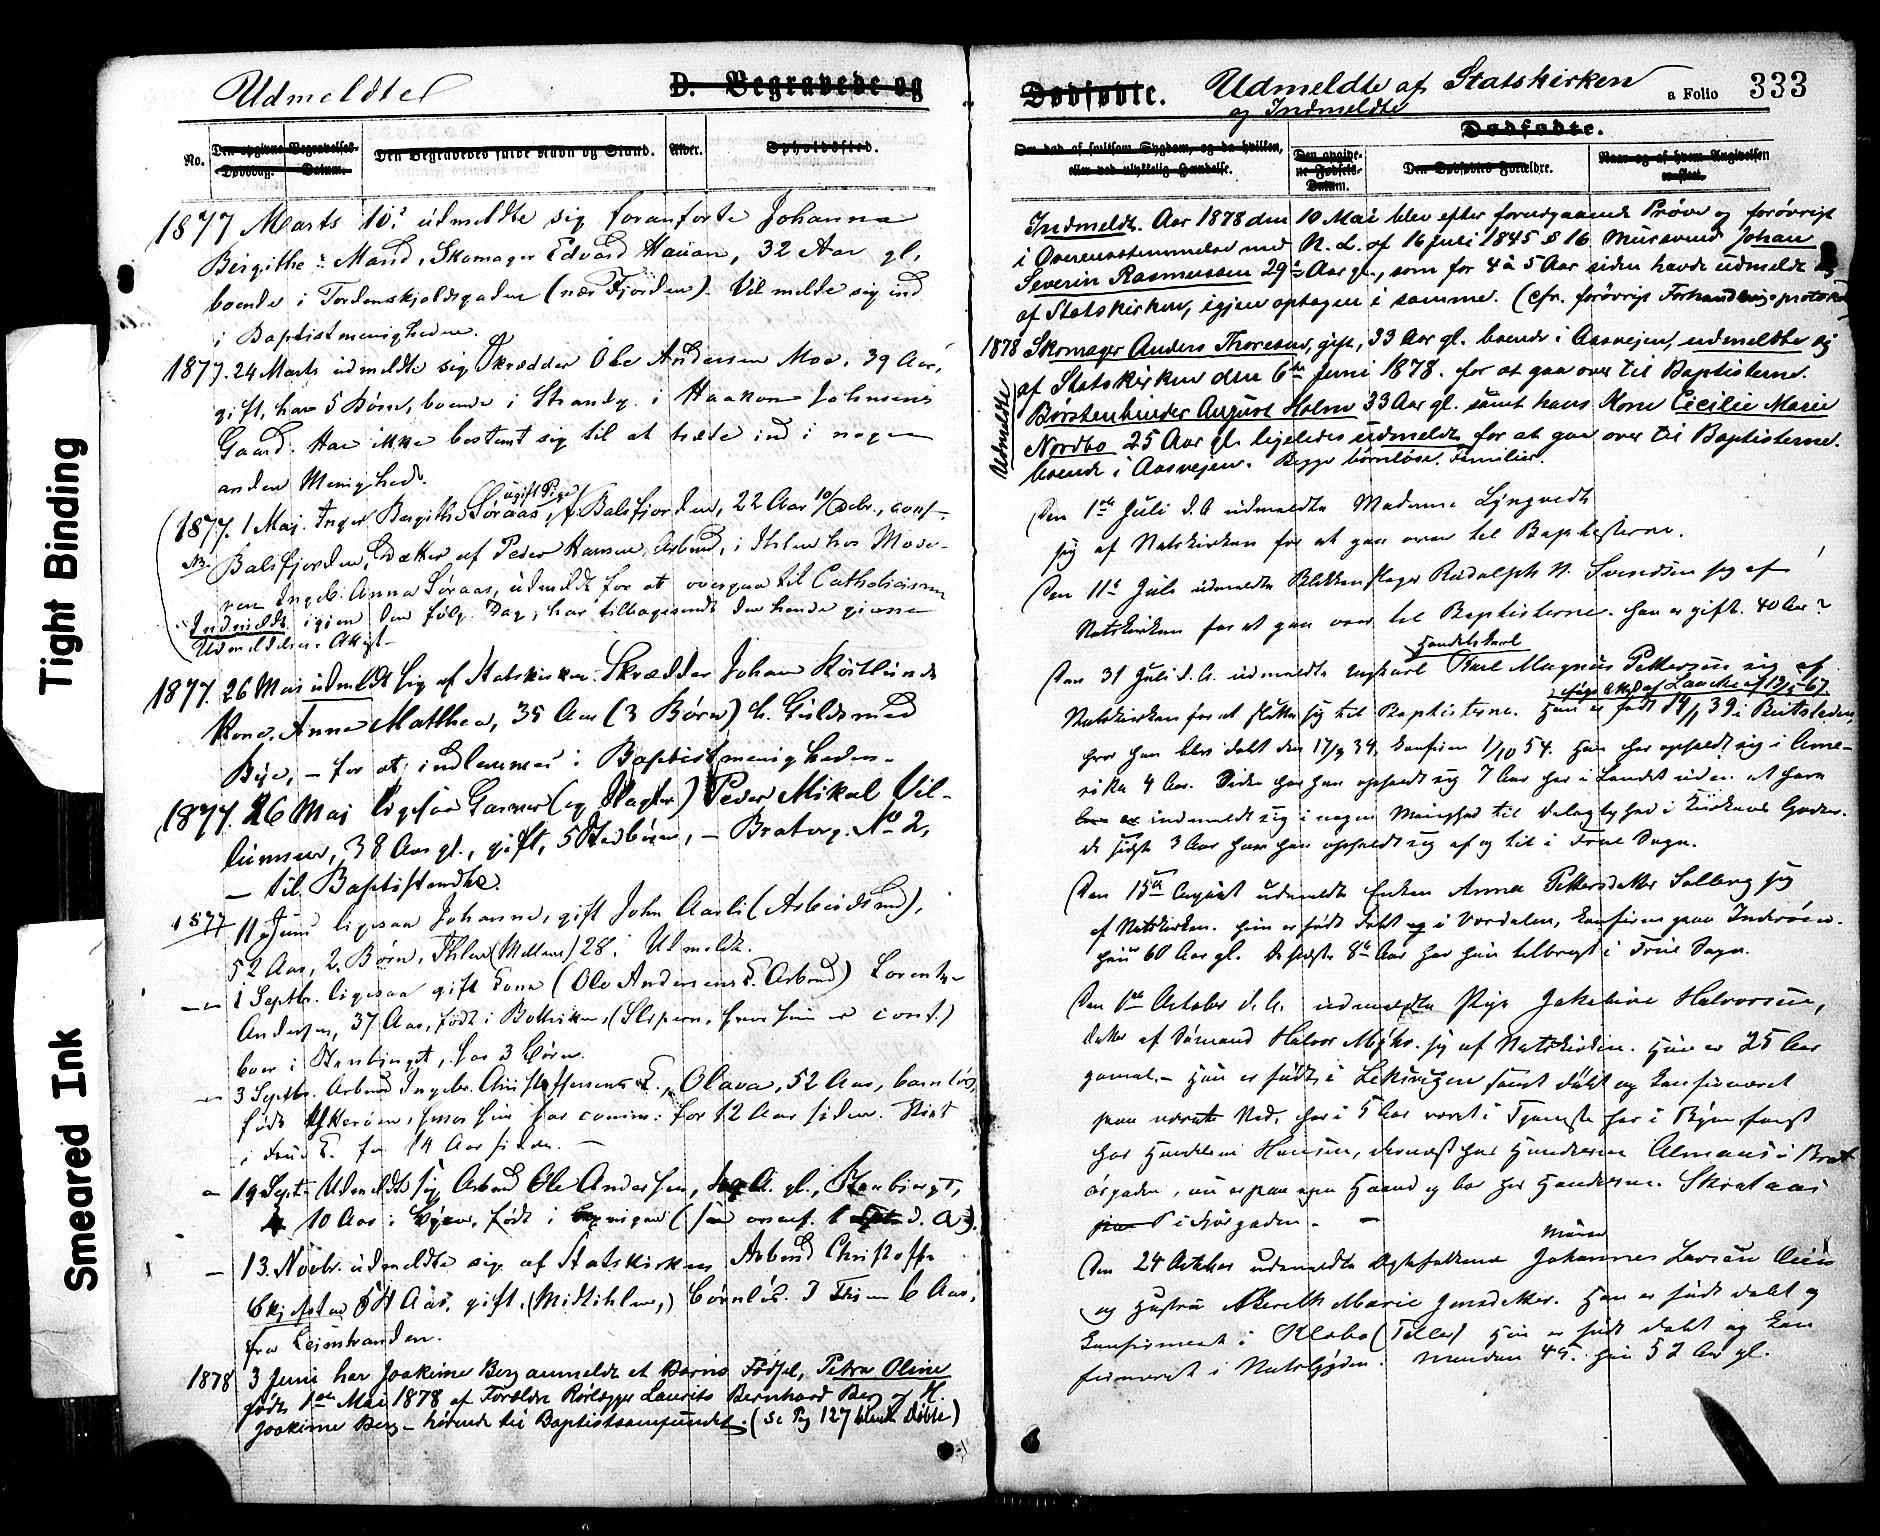 SAT, Ministerialprotokoller, klokkerbøker og fødselsregistre - Sør-Trøndelag, 602/L0118: Ministerialbok nr. 602A16, 1873-1879, s. 333